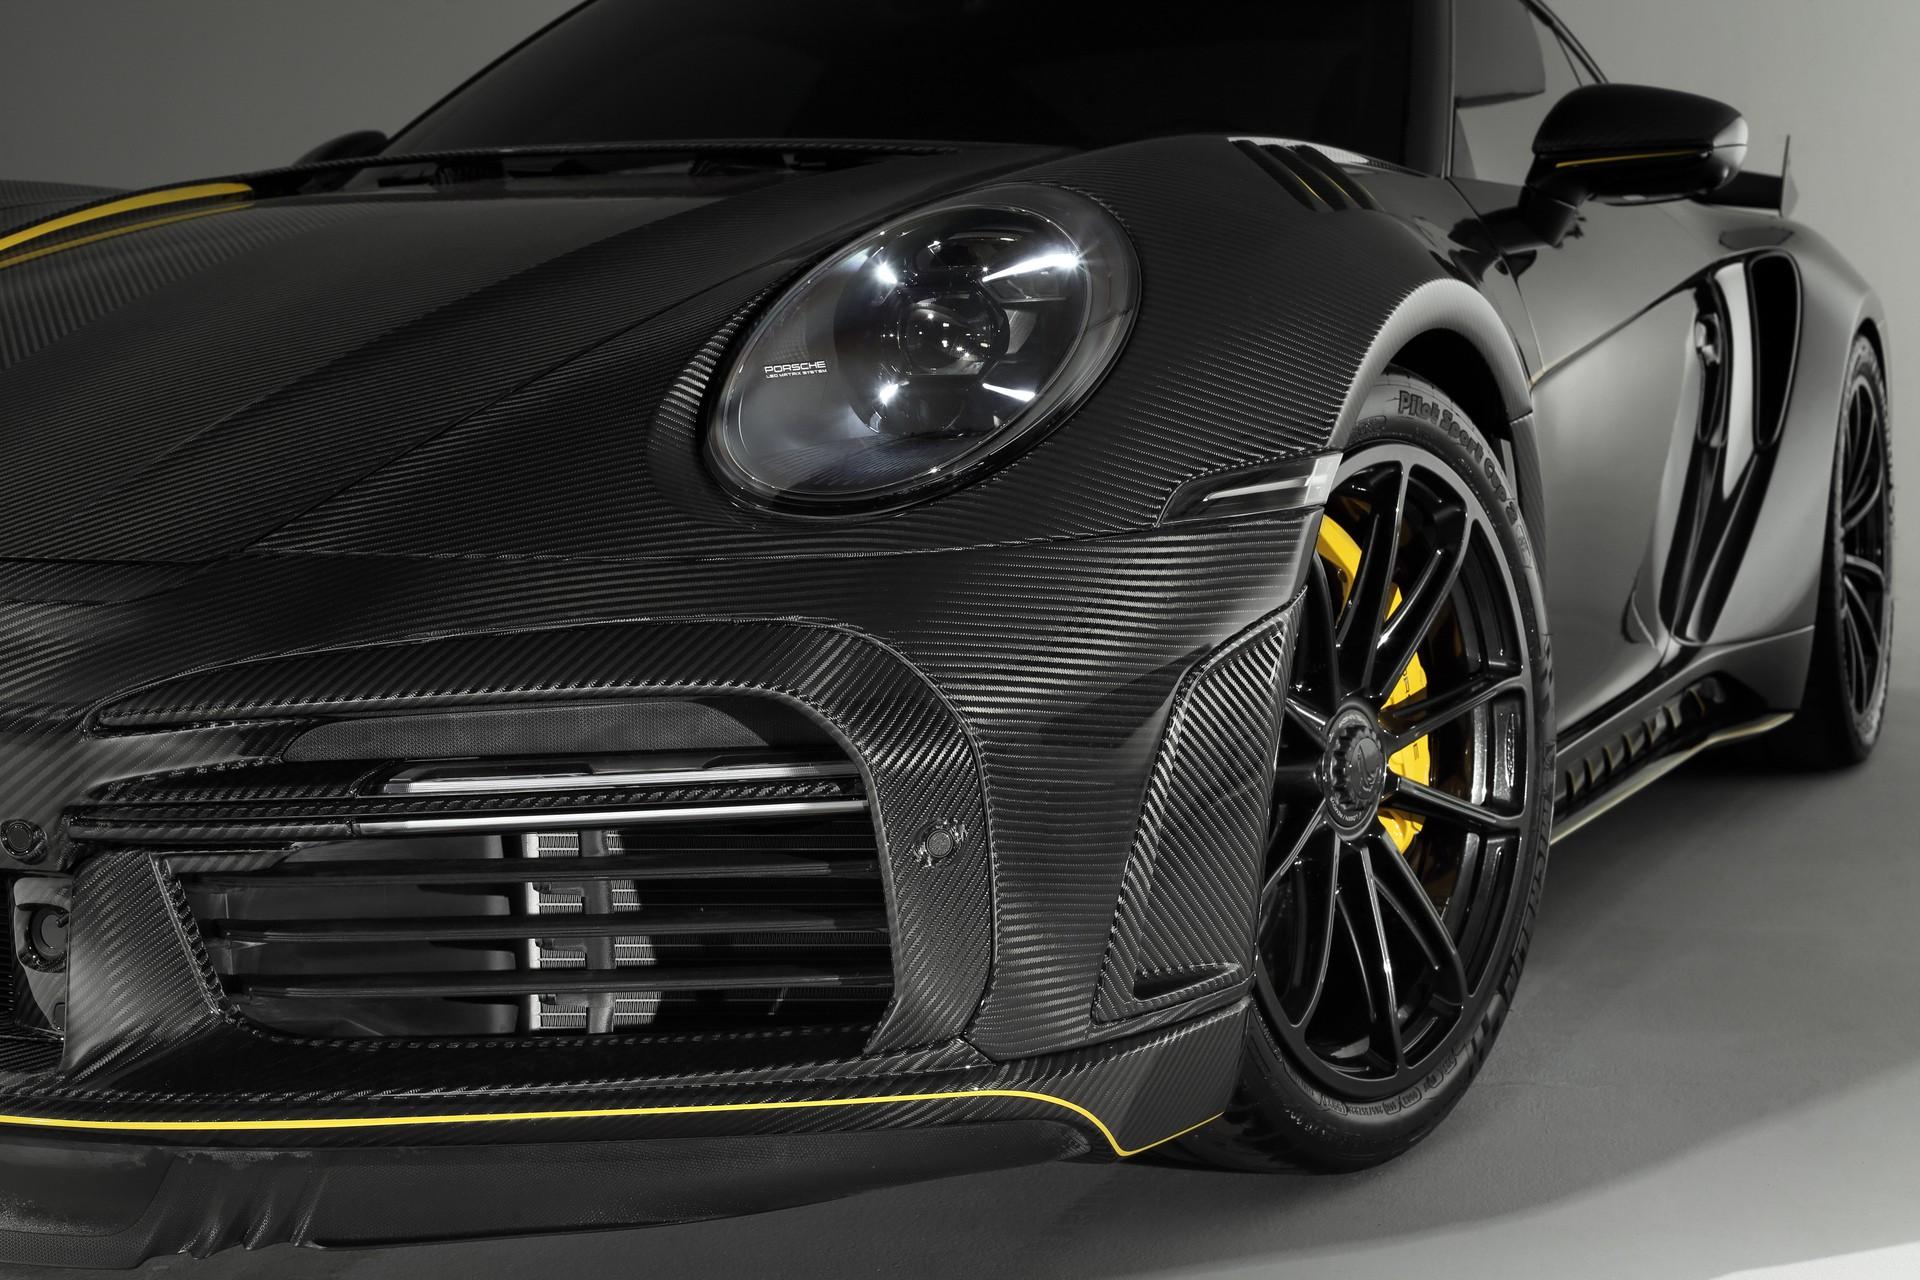 Российское тюнинг-ателье TopCar выпустит всего 13 единиц Porsche 911 (992) в ультраэксклюзивном исполнении Stinger GTR Limited Carbon Edition. Что же предлагается за шестизначную сумму в евро?